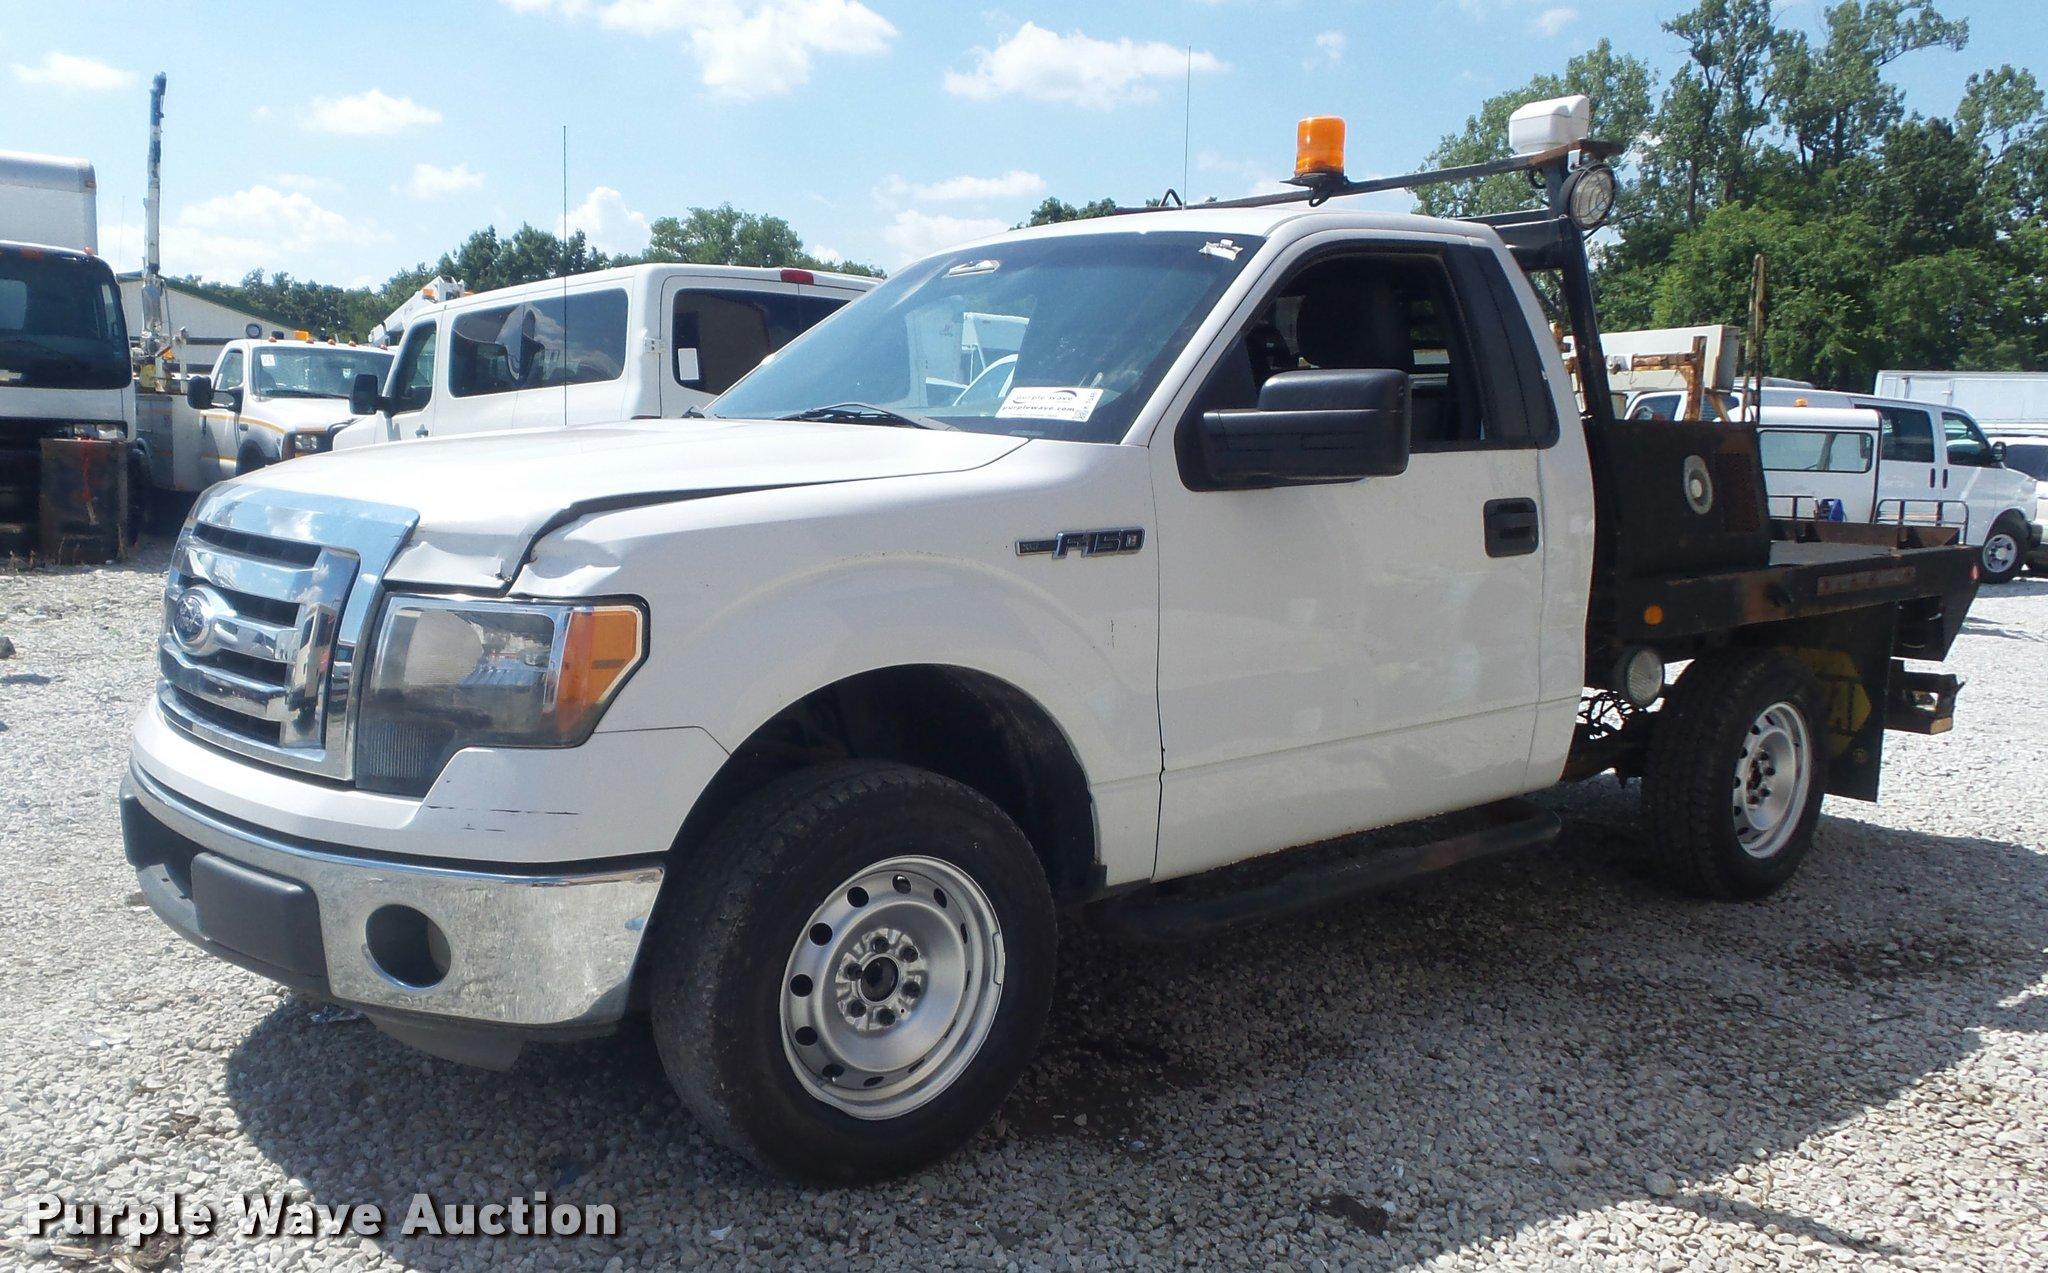 2011 Ford F150 Xlt Flatbed Pickup Truck Item K7548 Sold